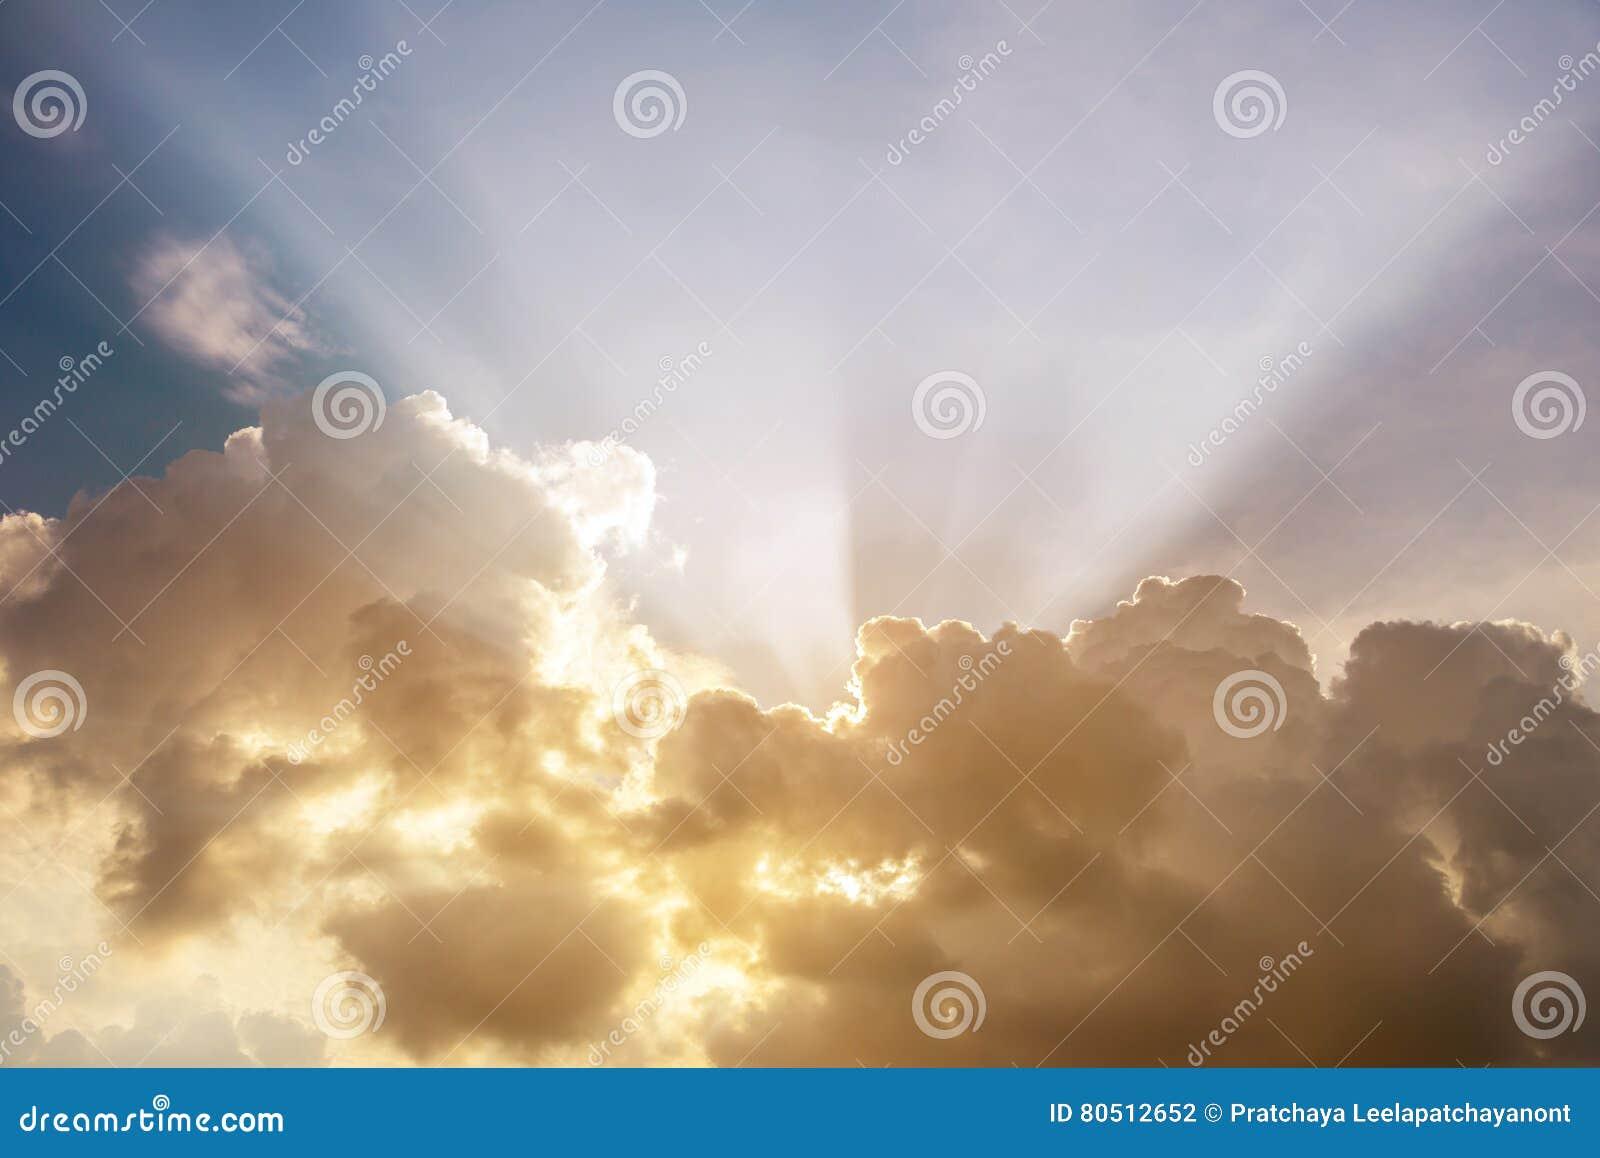 发光通过云彩的光